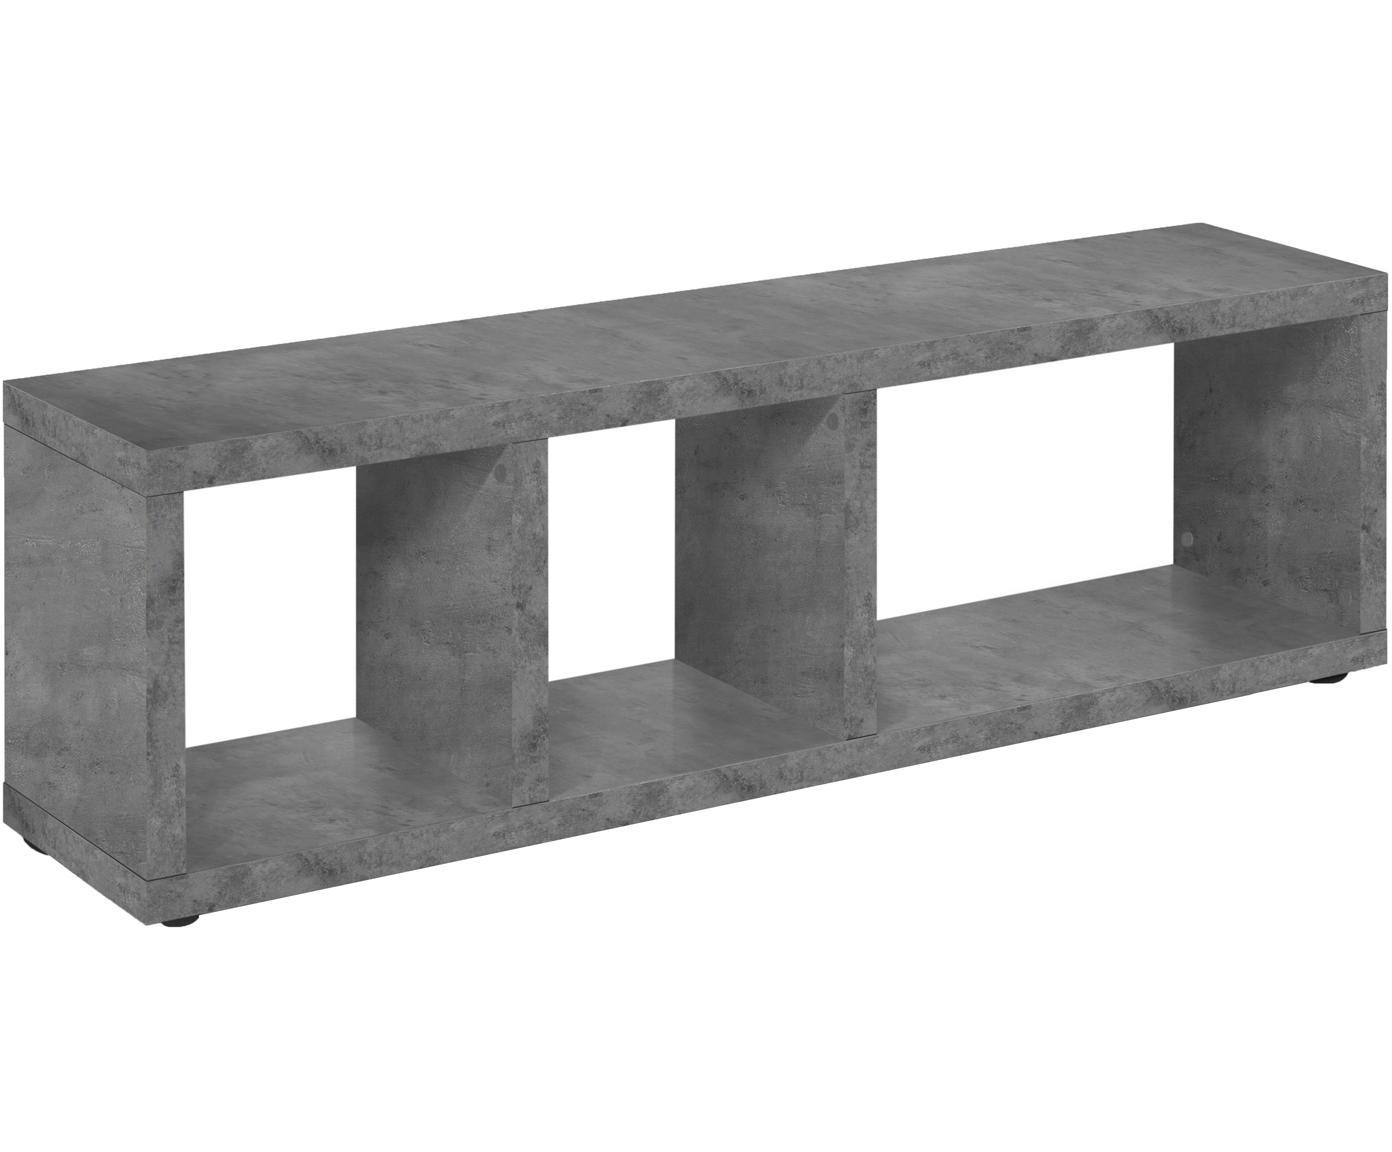 Mueble TV en cemento Berlin, Estructura: aglomerado con estructura, Superficie: chapado en melamina, Gris, An 150 x Al 45 cm